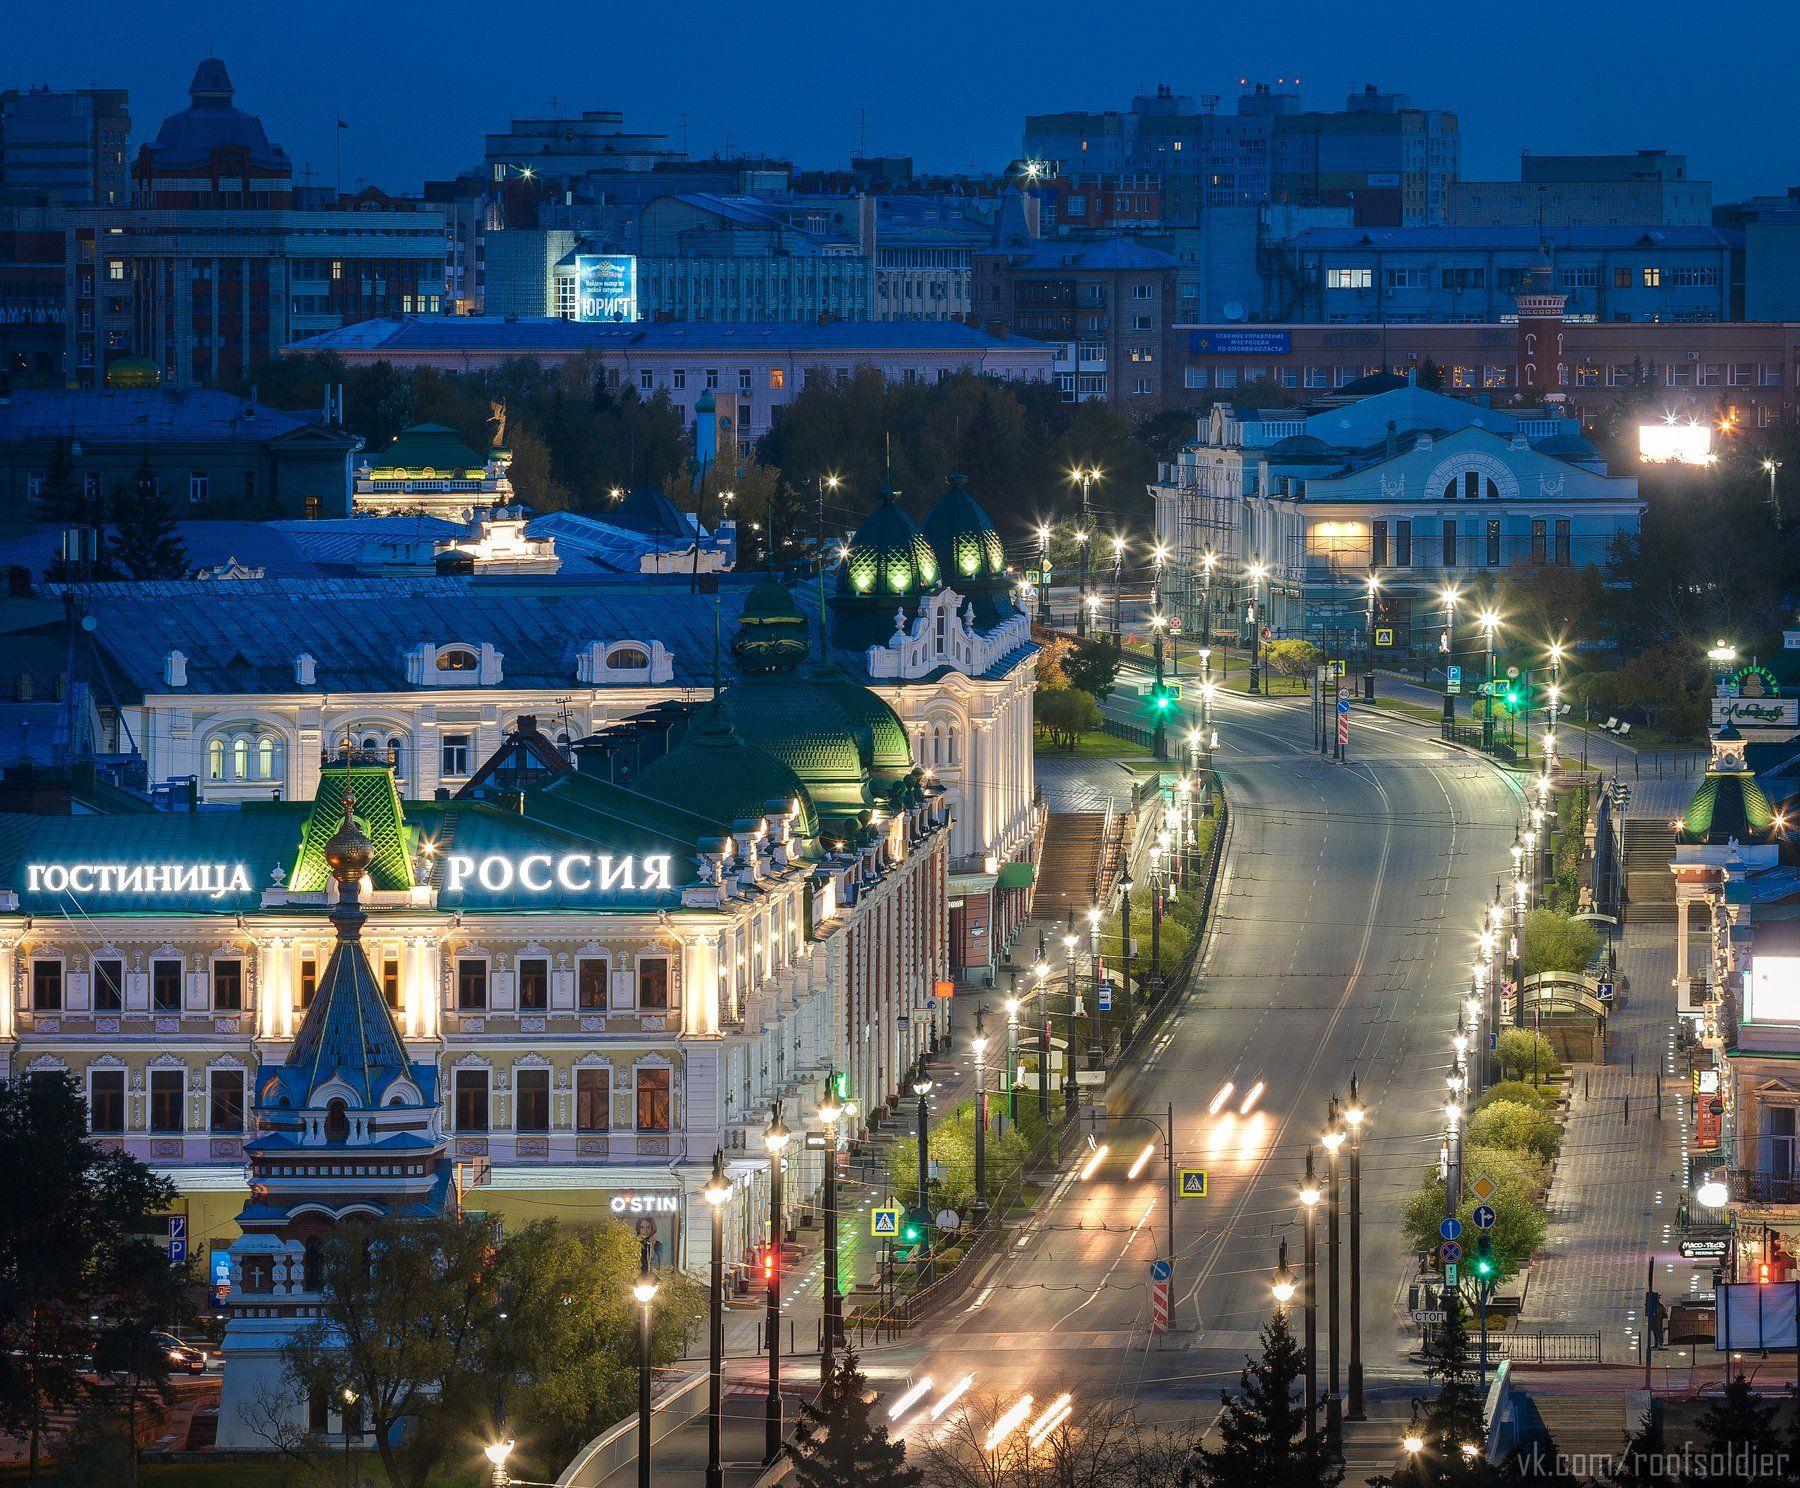 Омск, Россия, город, архитектура, крыша, пейзаж, ночь, Голубев Алексей